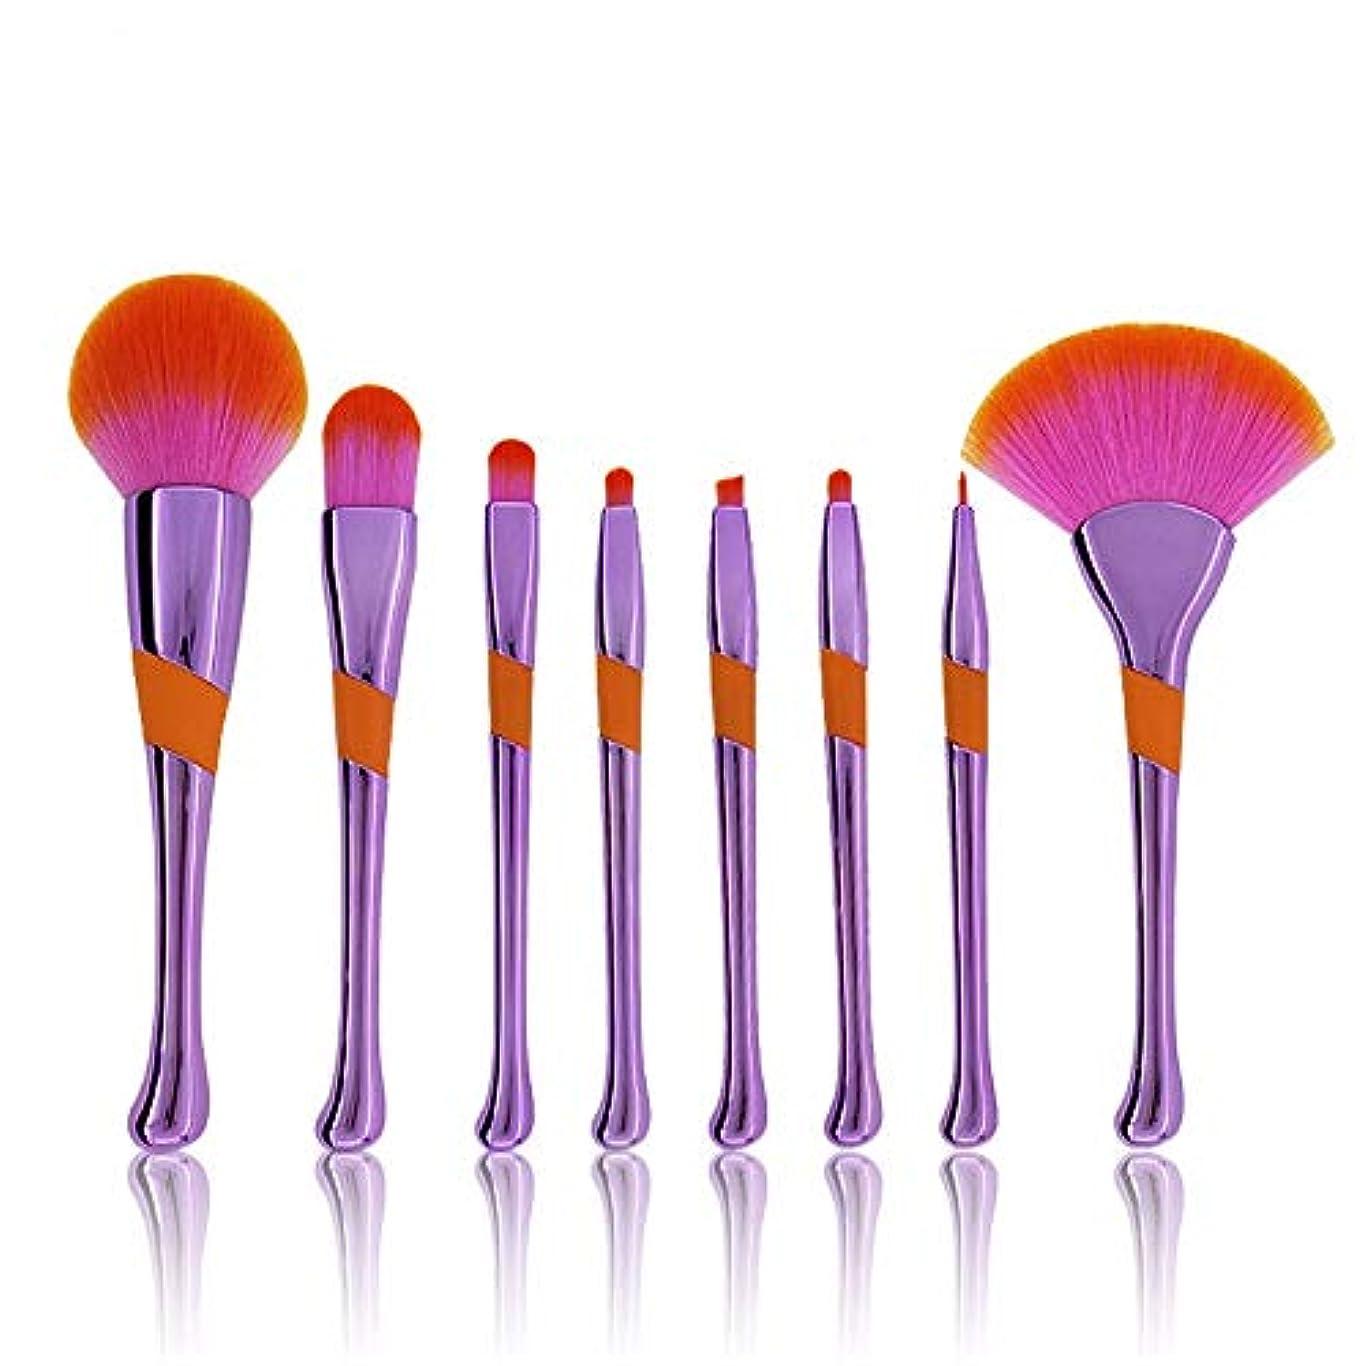 Makeup brushes 8ピースセットガールハートメイクブラシフリーパウダーブラシアイシャドウブラシブラッシュブラシ suits (Color : Purple)